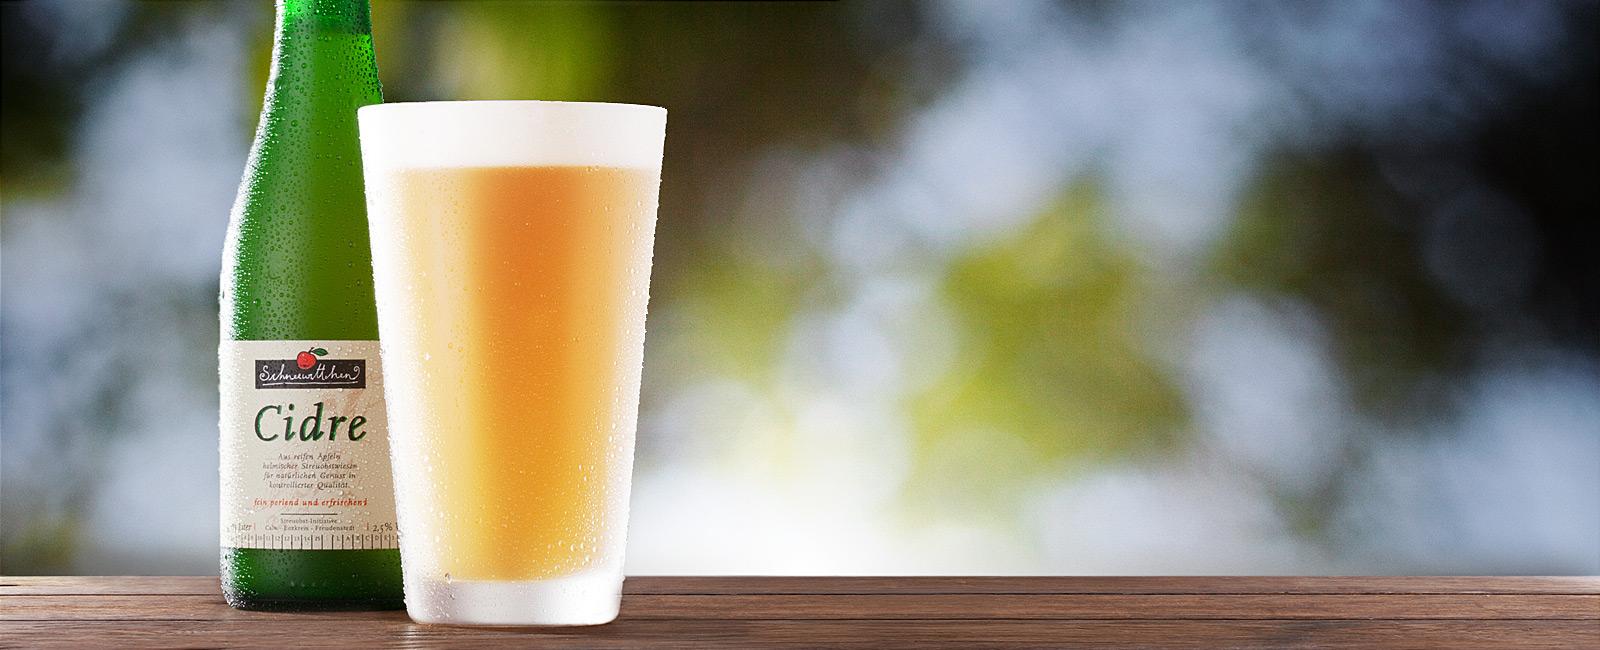 Cidre_Schneewittchen_Drinks_1-1